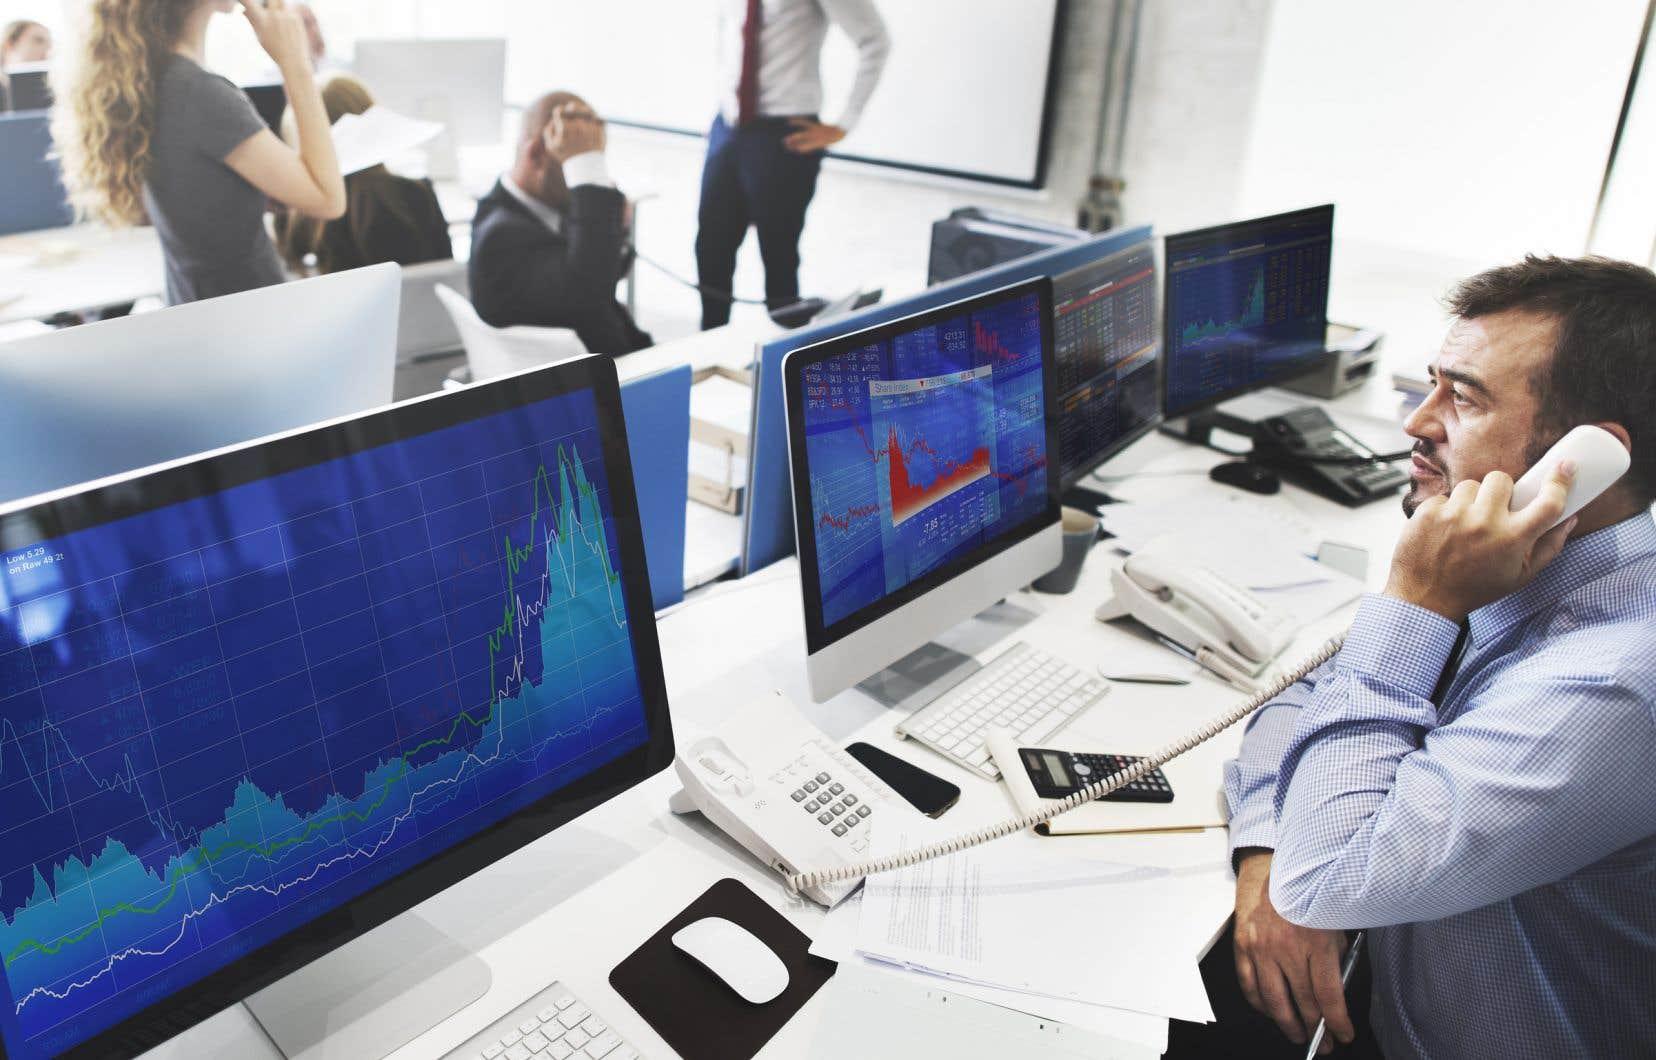 Ceux qui travaillent dans l'indutrie financière devront dès la fin de 2019 placer l'intérêt du client au coeur de l'évaluation de la convenance des produits de placement.